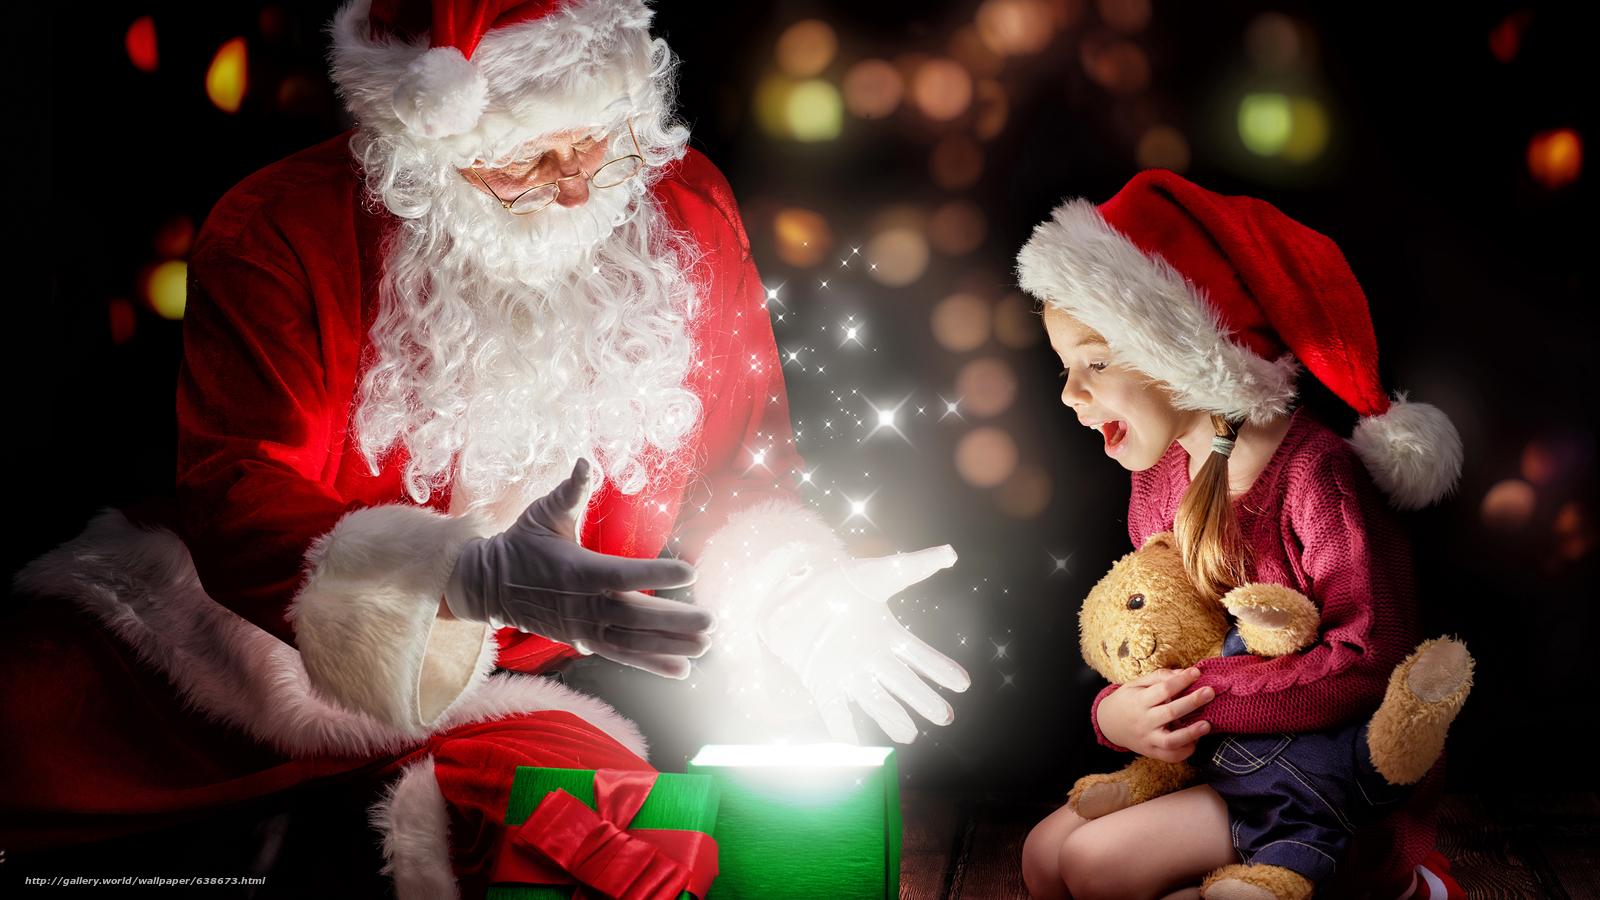 Скачать обои Дед Мороз,  Санта Клаус,  Новый год,  Рождество бесплатно для рабочего стола в разрешении 7680x4320 — картинка №638673